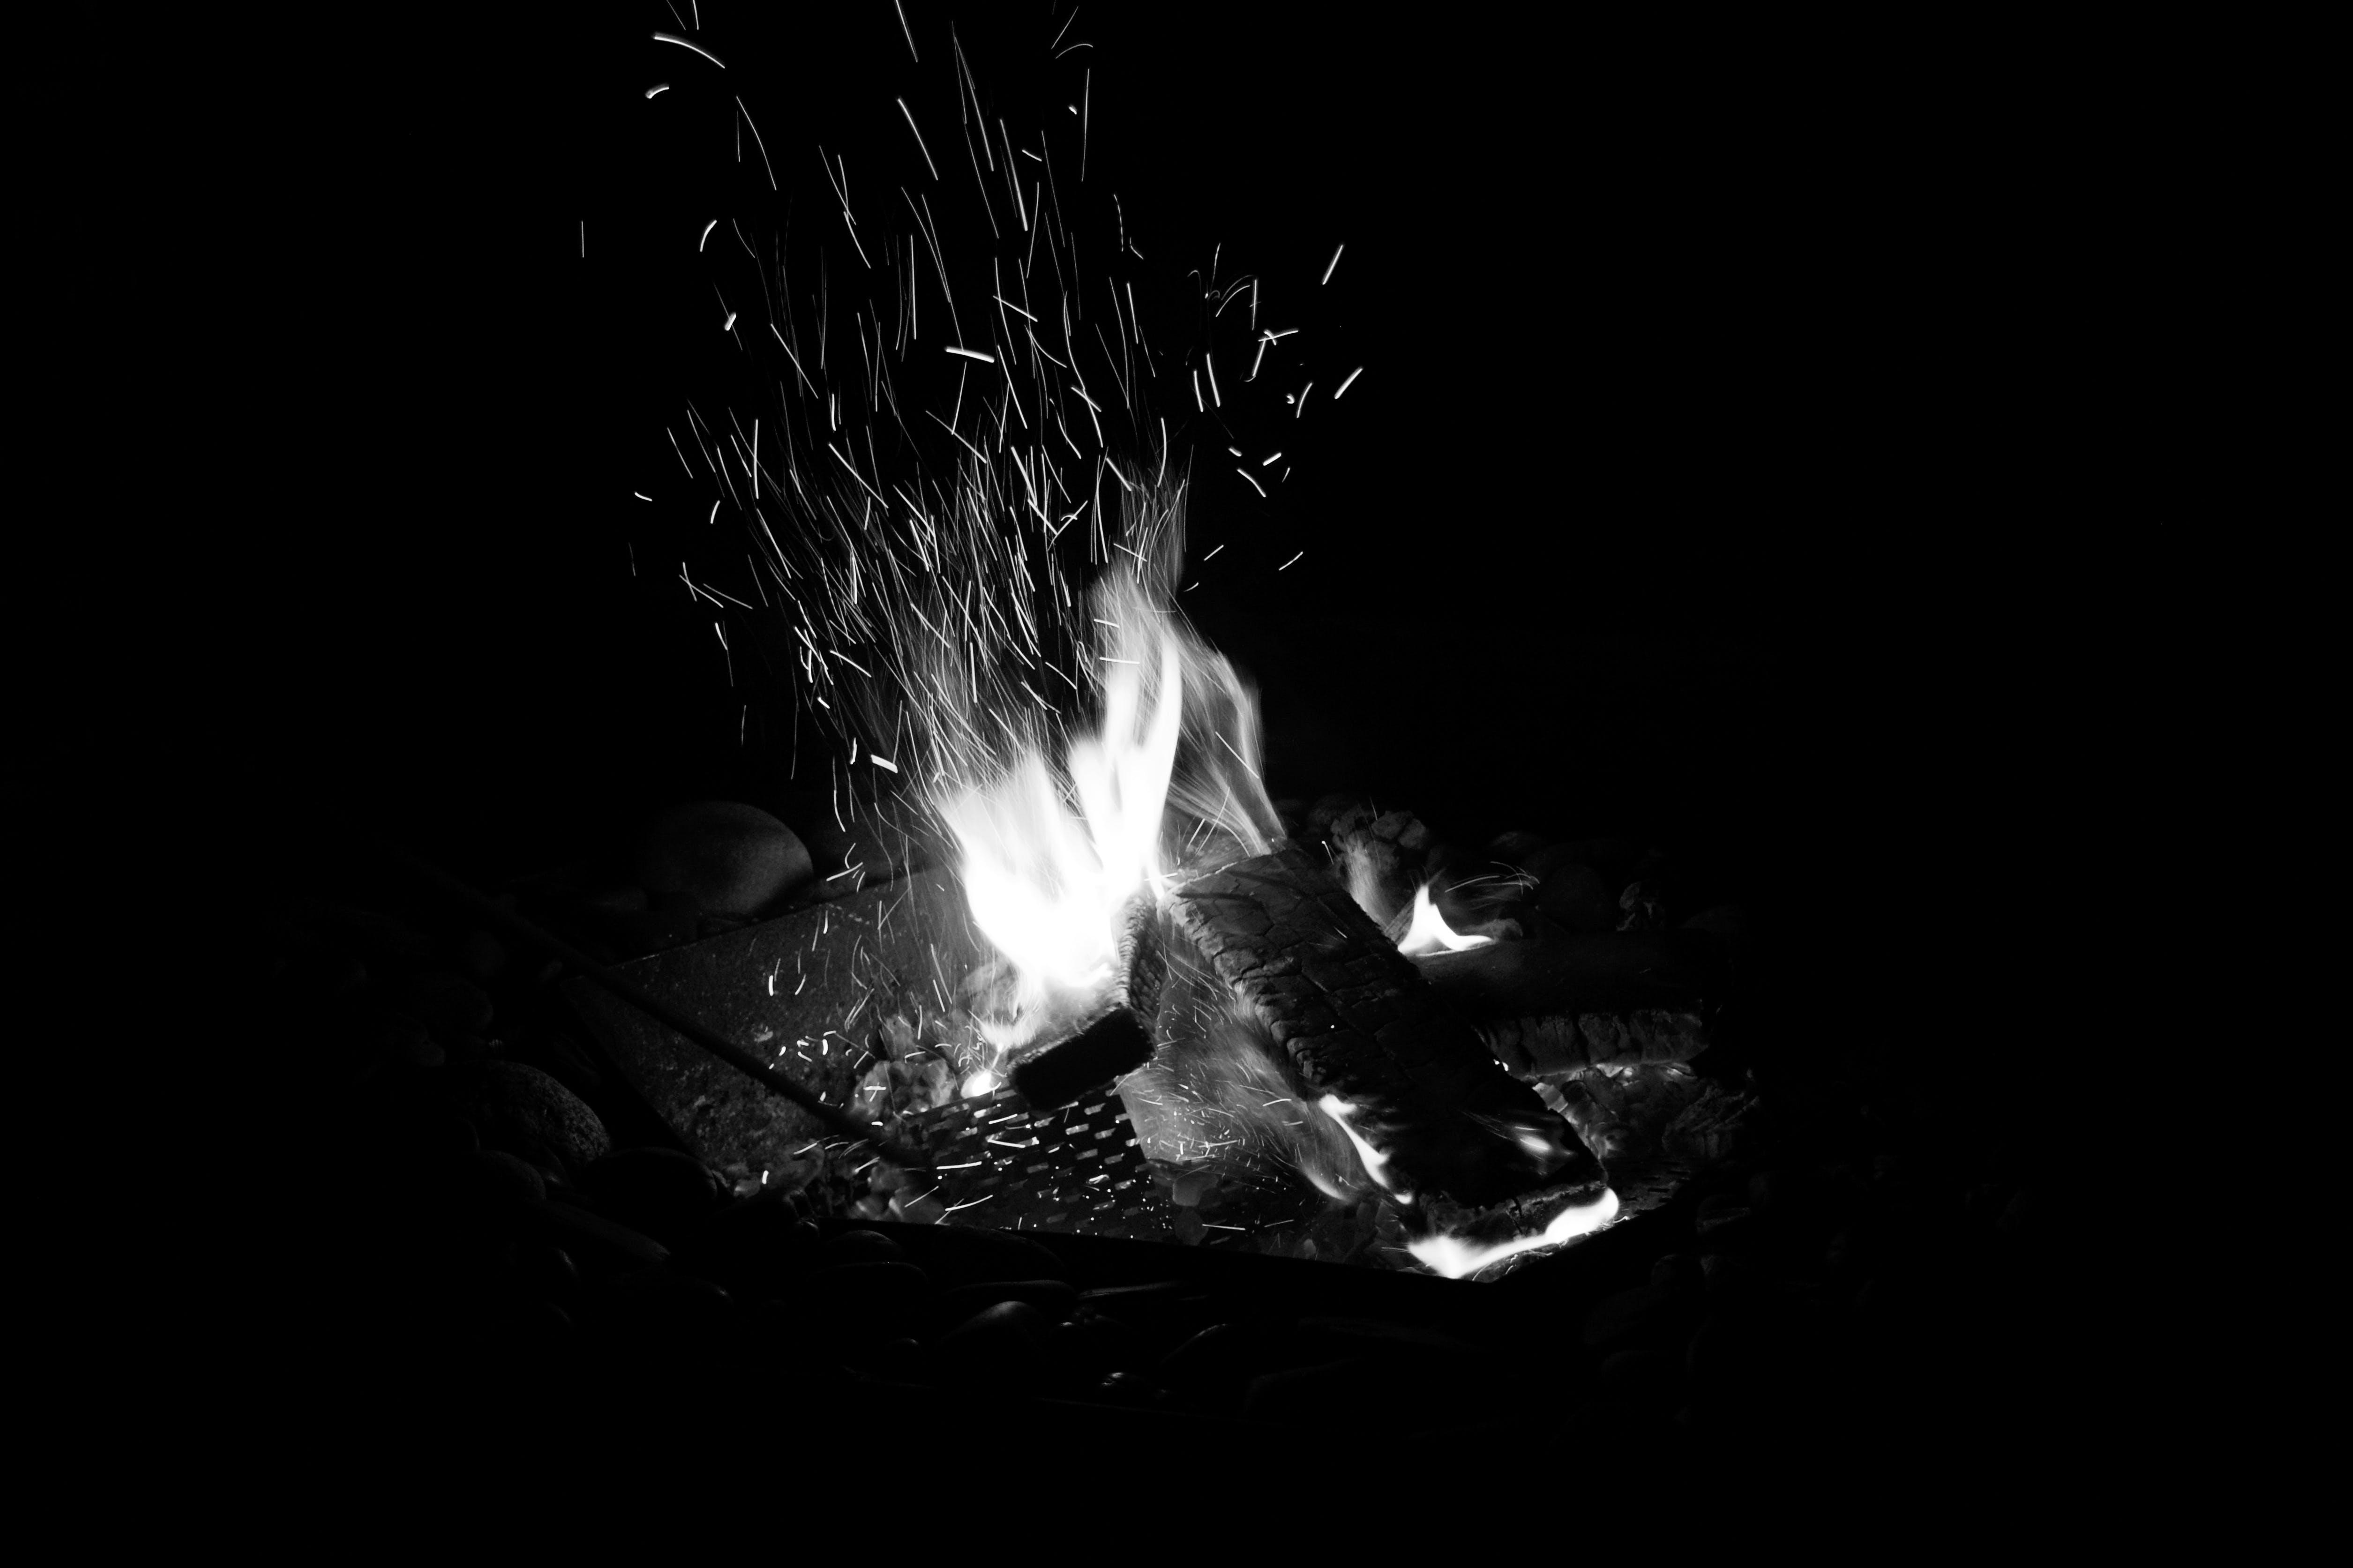 zu beleuchtet, brand, brennen, brennhölzer